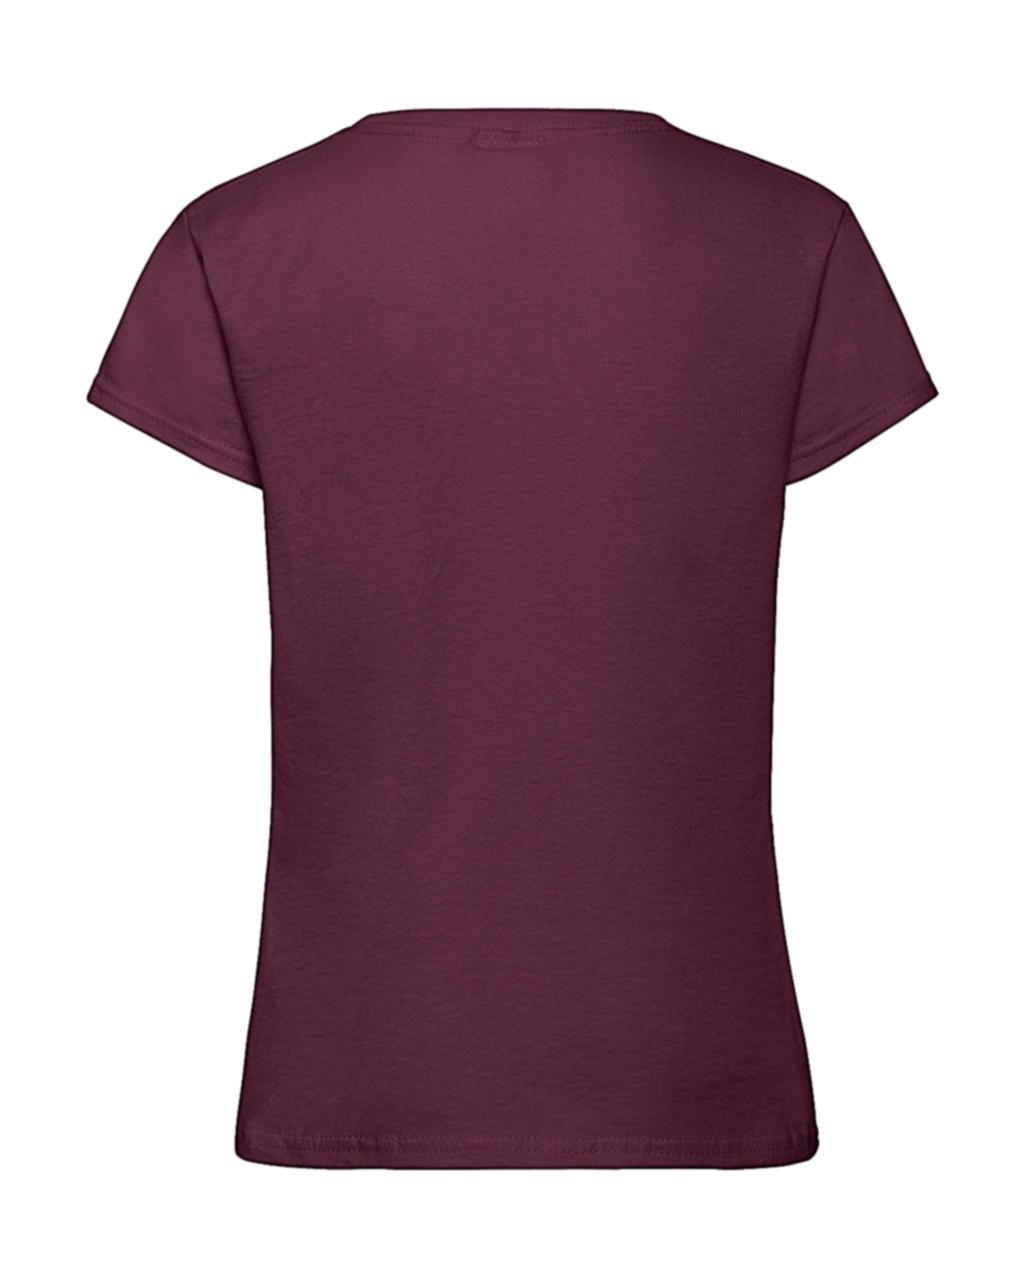 zdjęcia: Robimy nadruki na Dziewczęcy t-shirt Sofspun® T